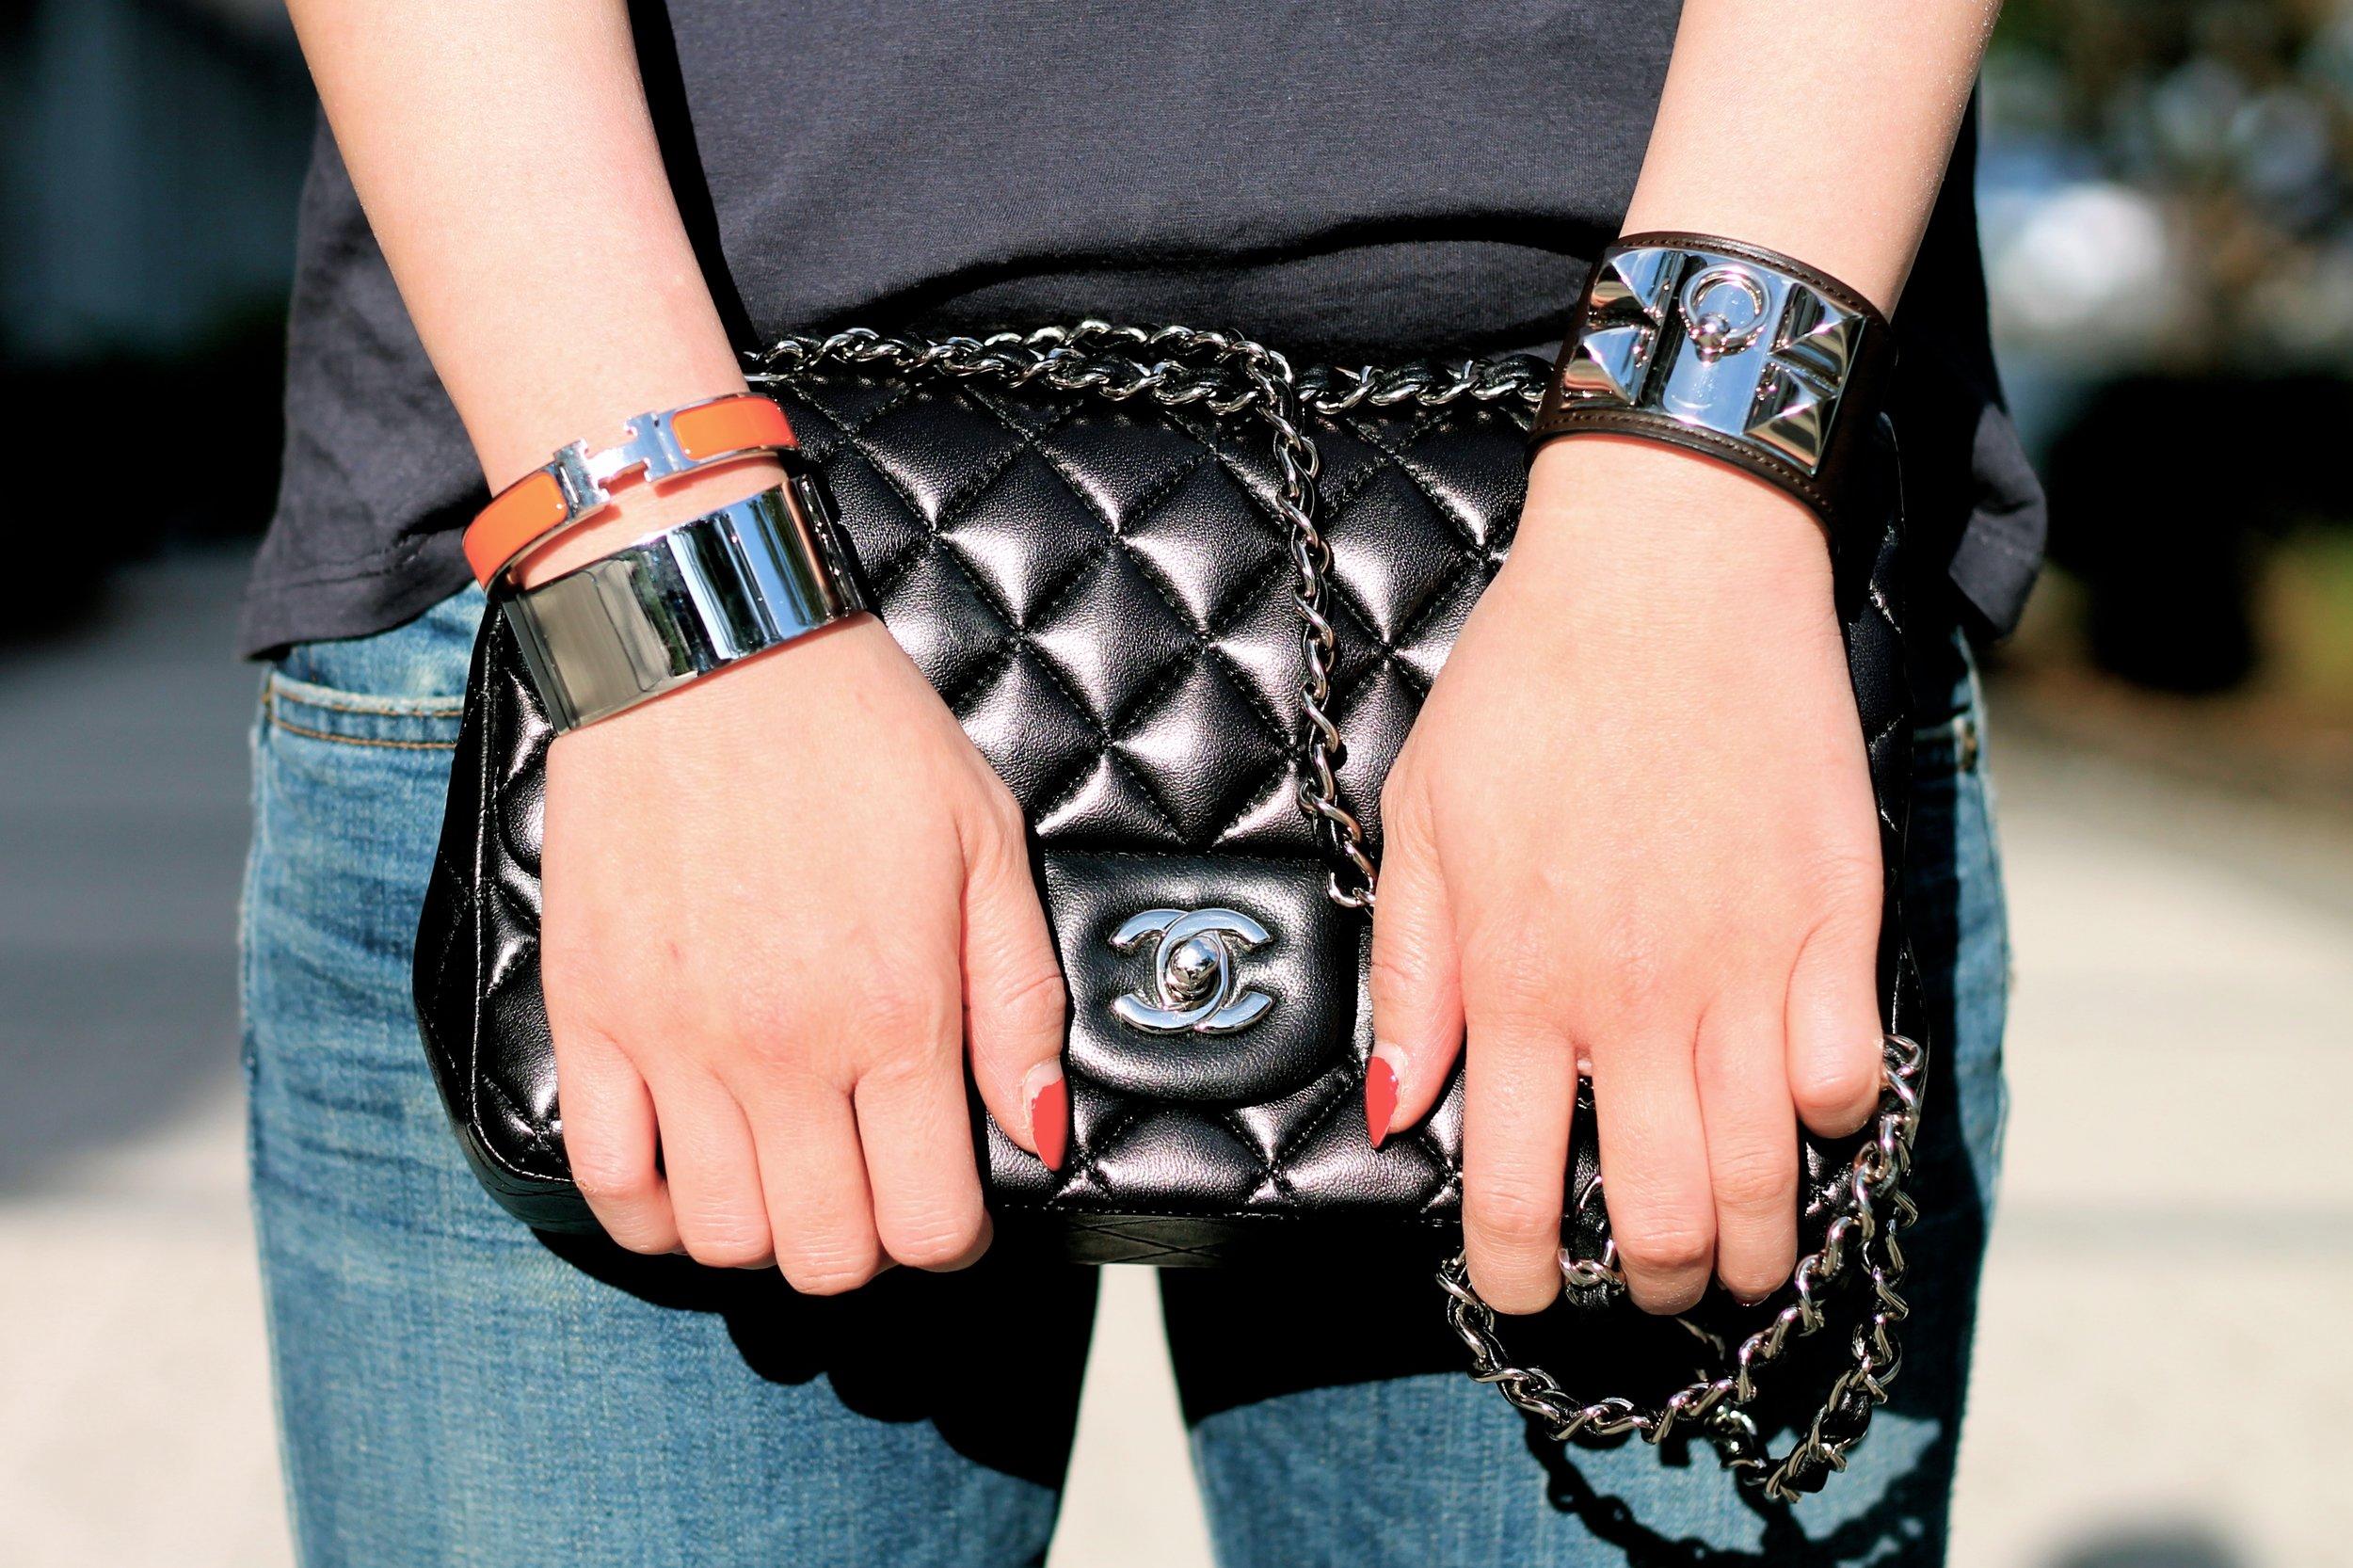 Svelte Metals and Hermes bracelets, Chanel bag